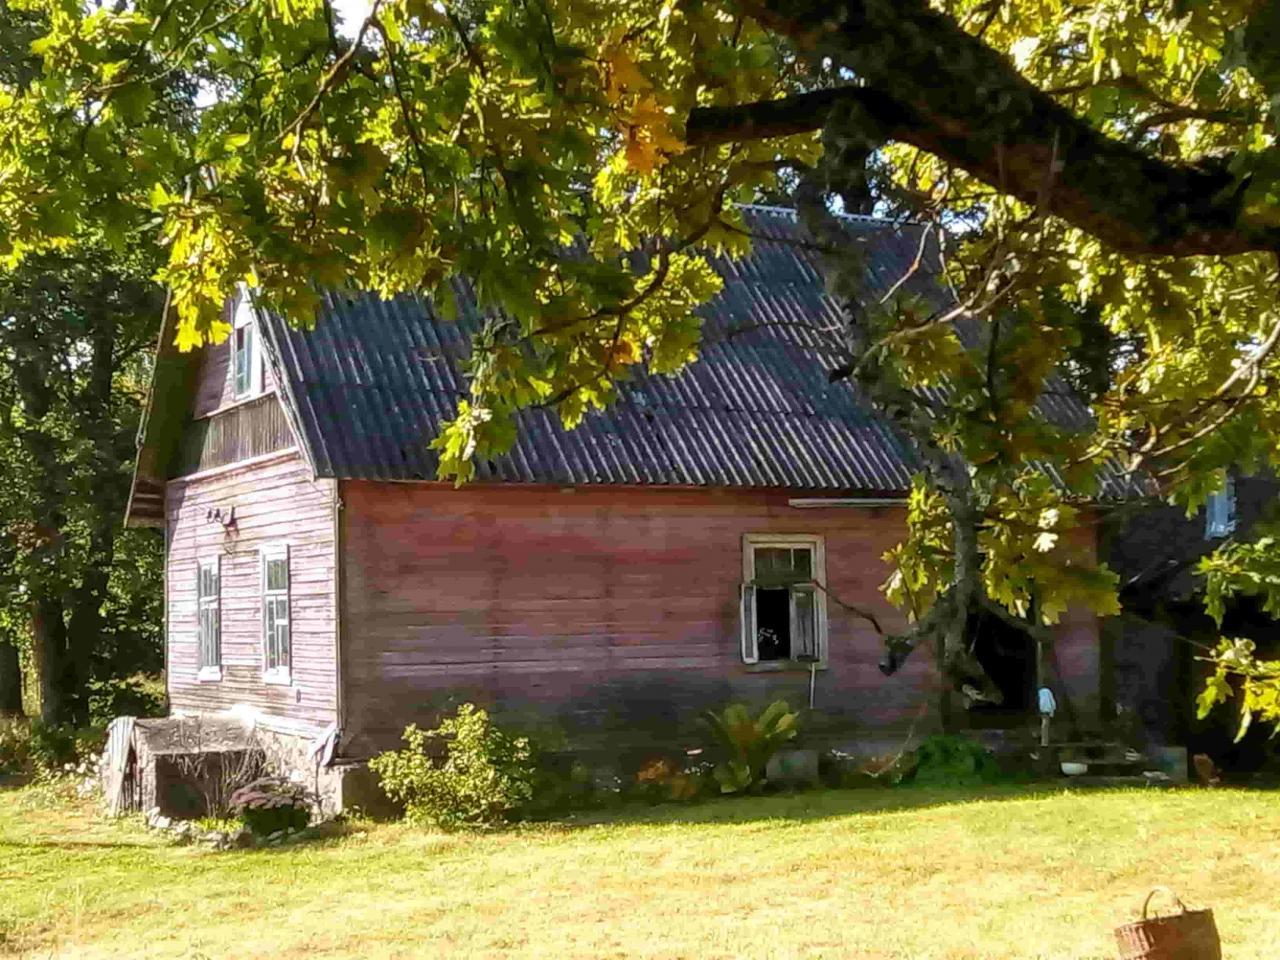 Уютный жилой хуторок на берегу водоёма, 1 Га. земли  | фото 1 из 5